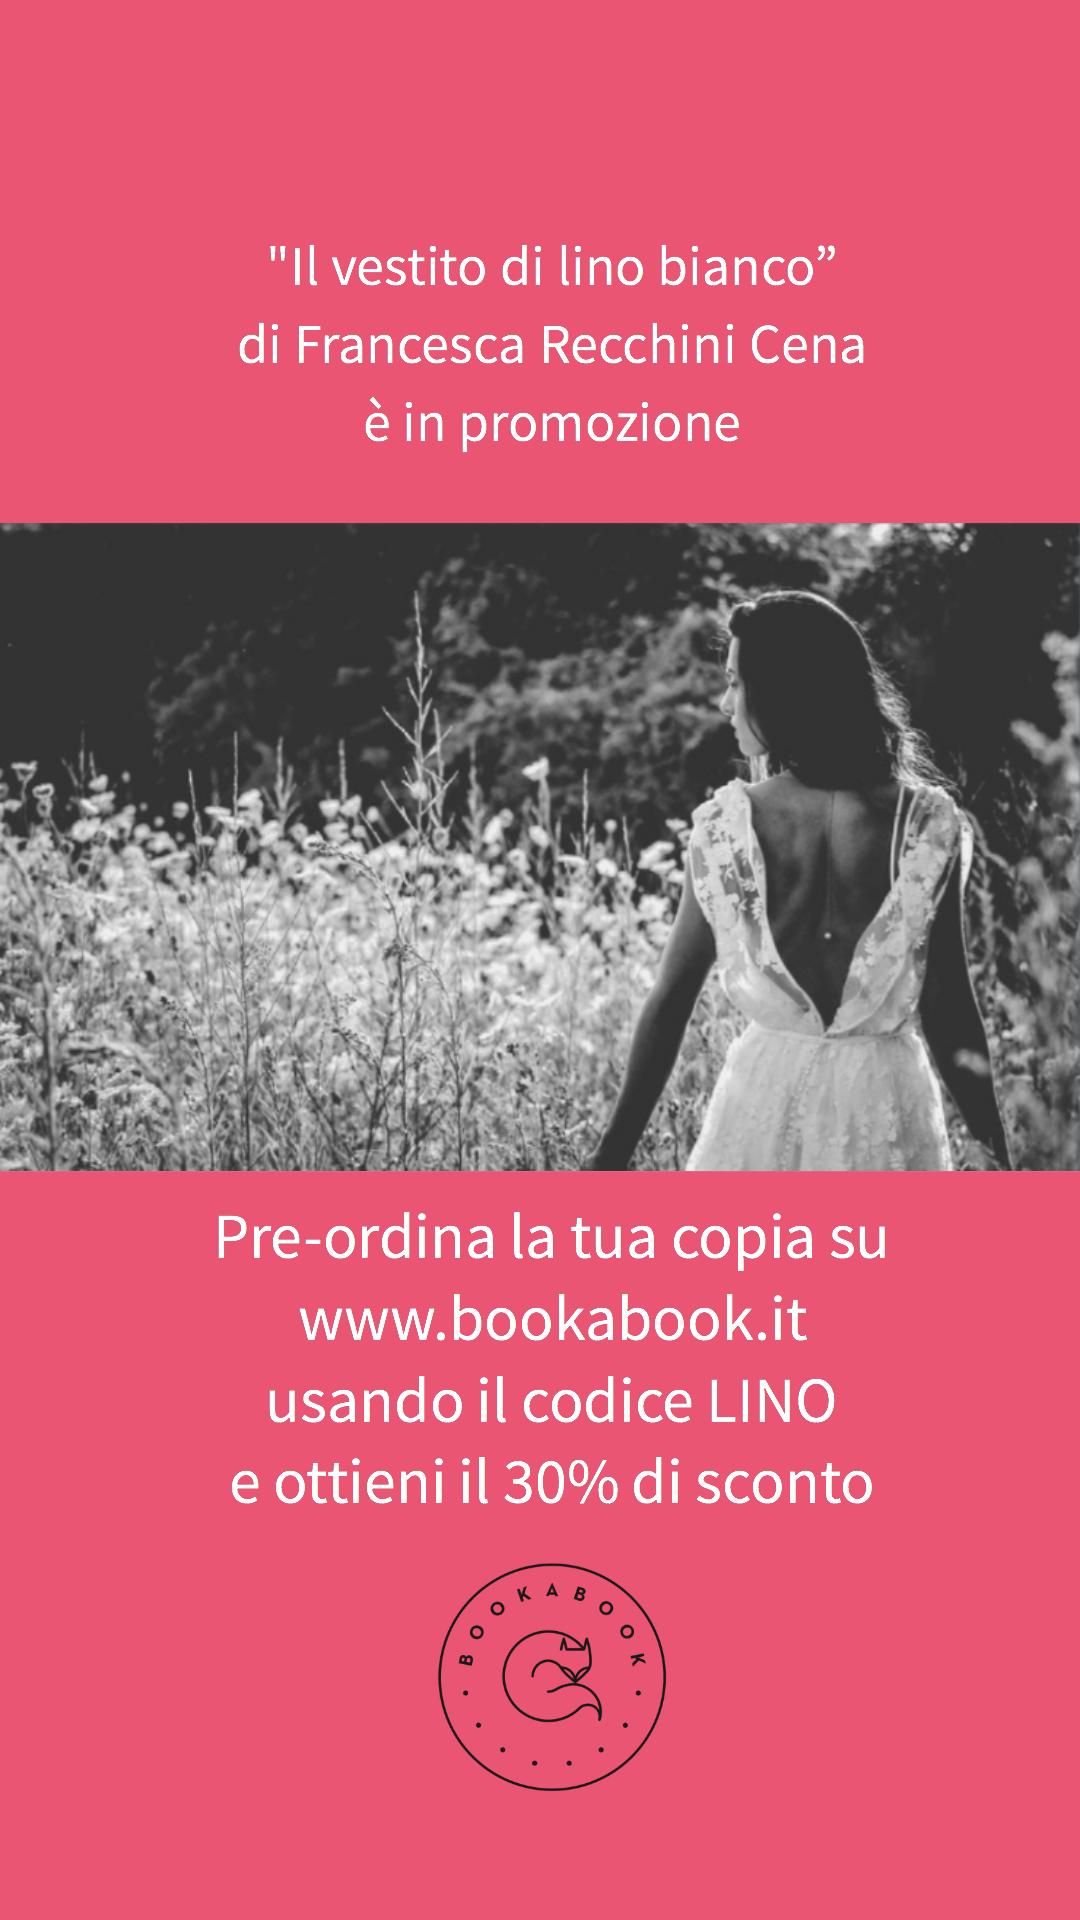 Campagna di crowdfunding per IL VESTITO DI LINO BIANCO di Francesca Recchini Cena